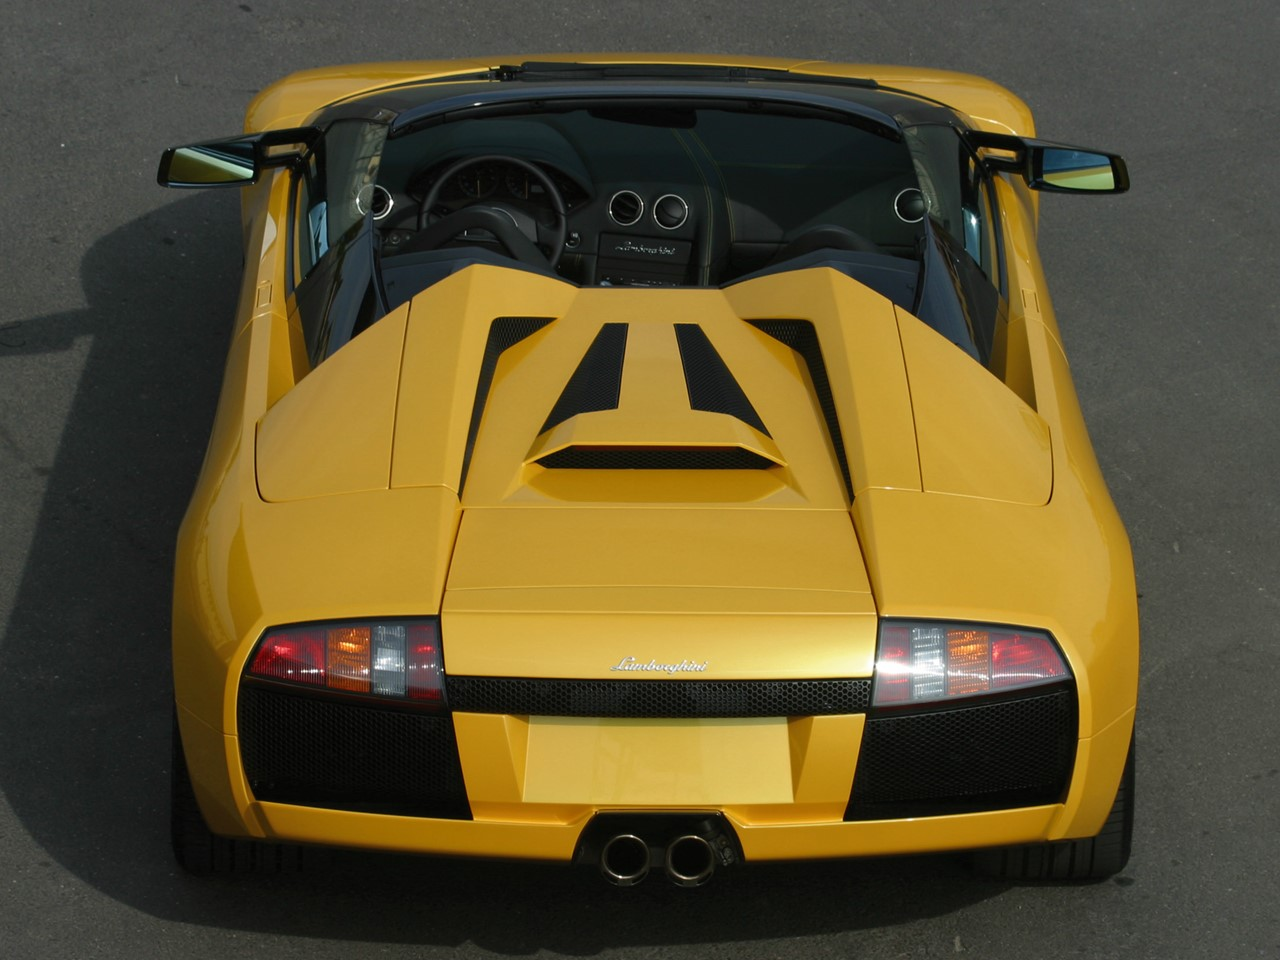 Lamborghini Murcielago. Murcielago 2